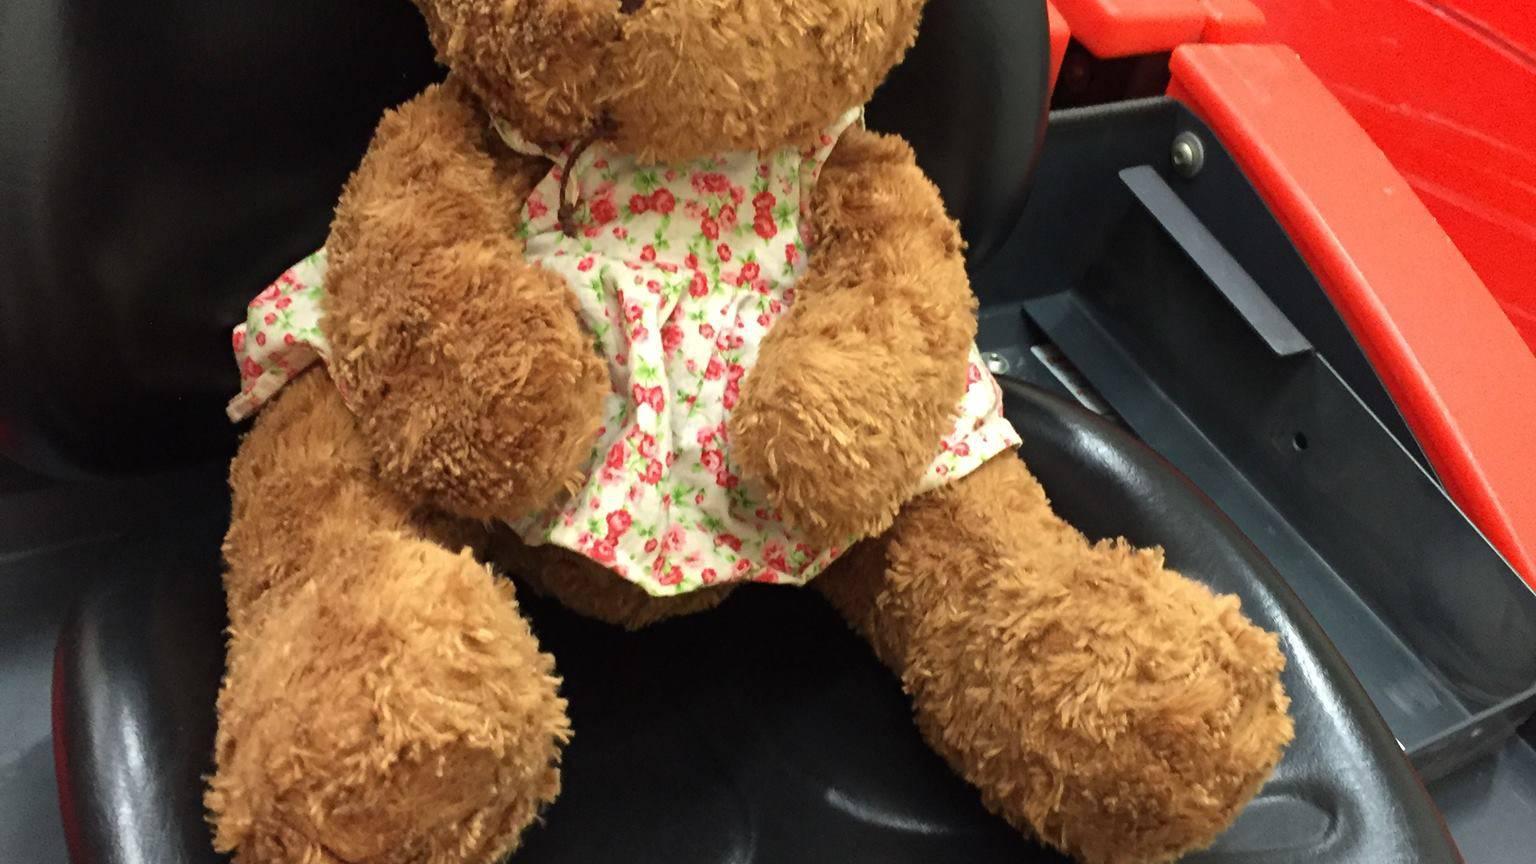 Der Besitzer oder die Besitzerin dieses Teddys wird gesucht.